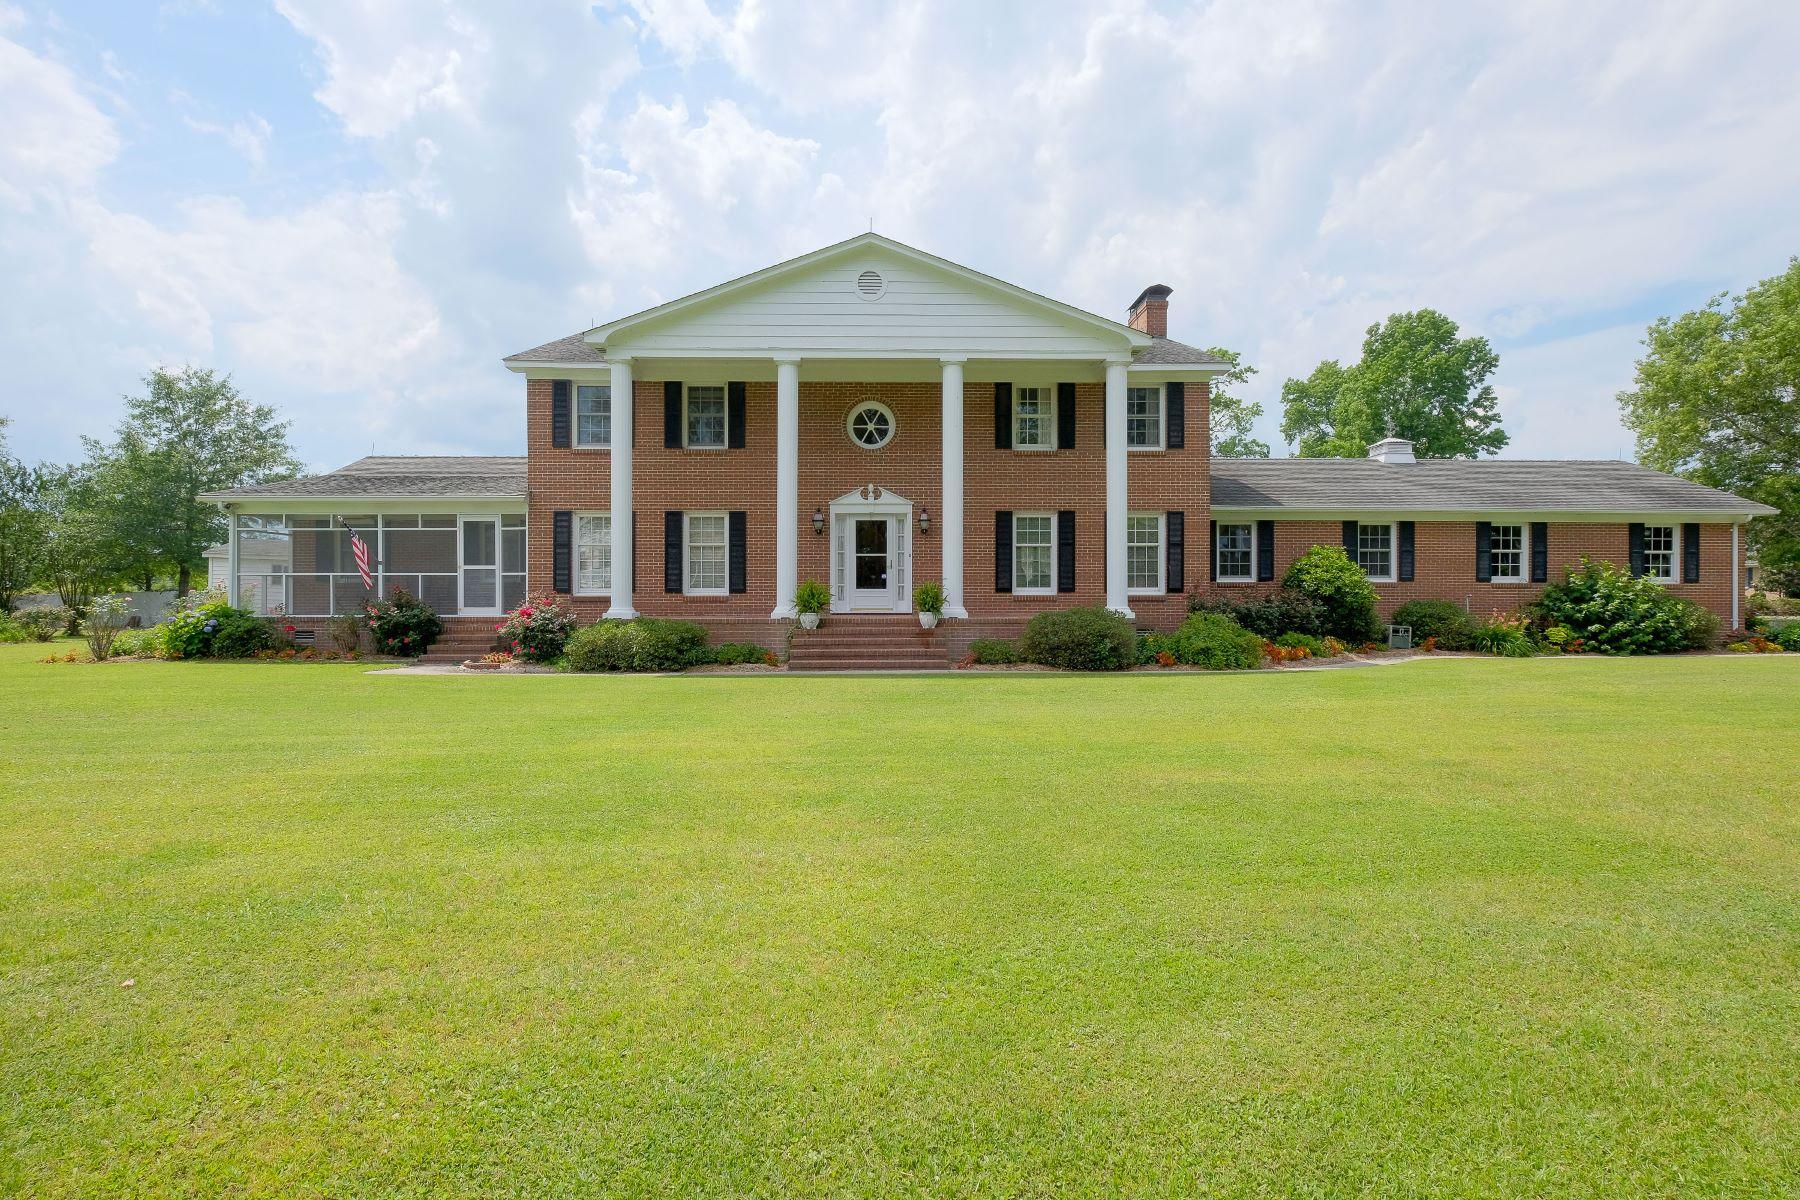 独户住宅 为 销售 在 IN-TOWN WATERFRONT 301 Queen Anne Dr, 登顿, 北卡罗来纳州, 27932 美国